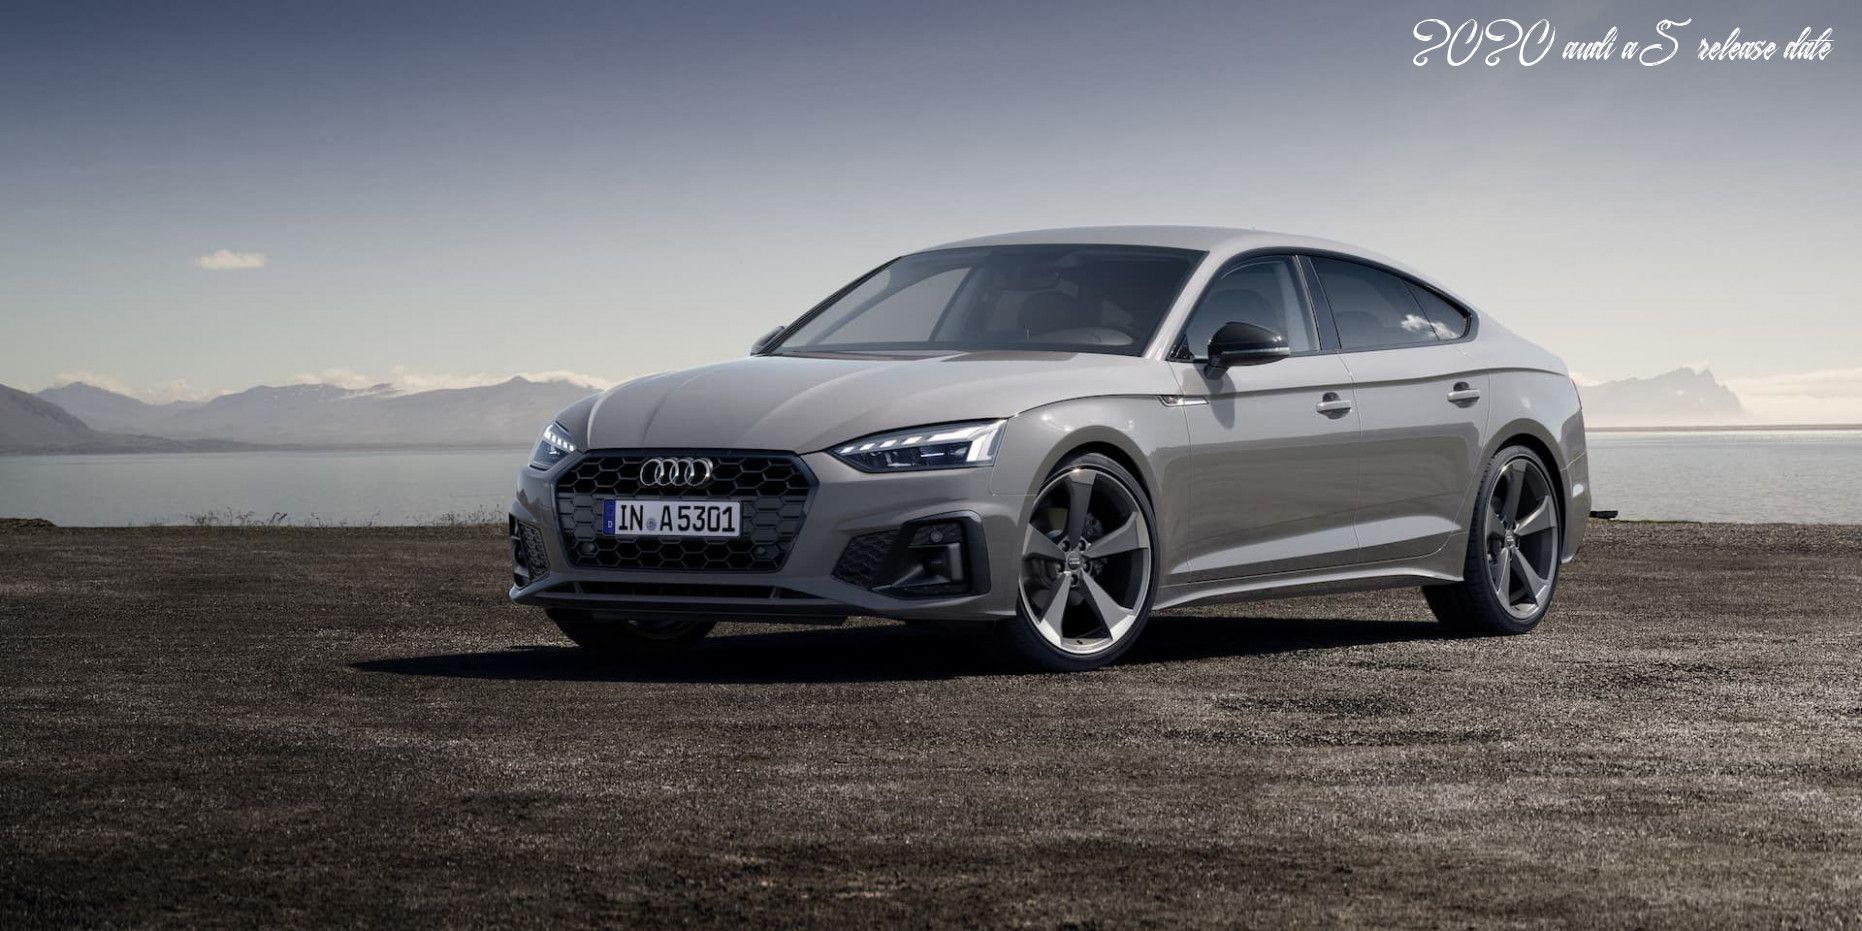 2020 Audi A5 Release Date In 2020 Audi A5 Audi Audi A5 Sportback